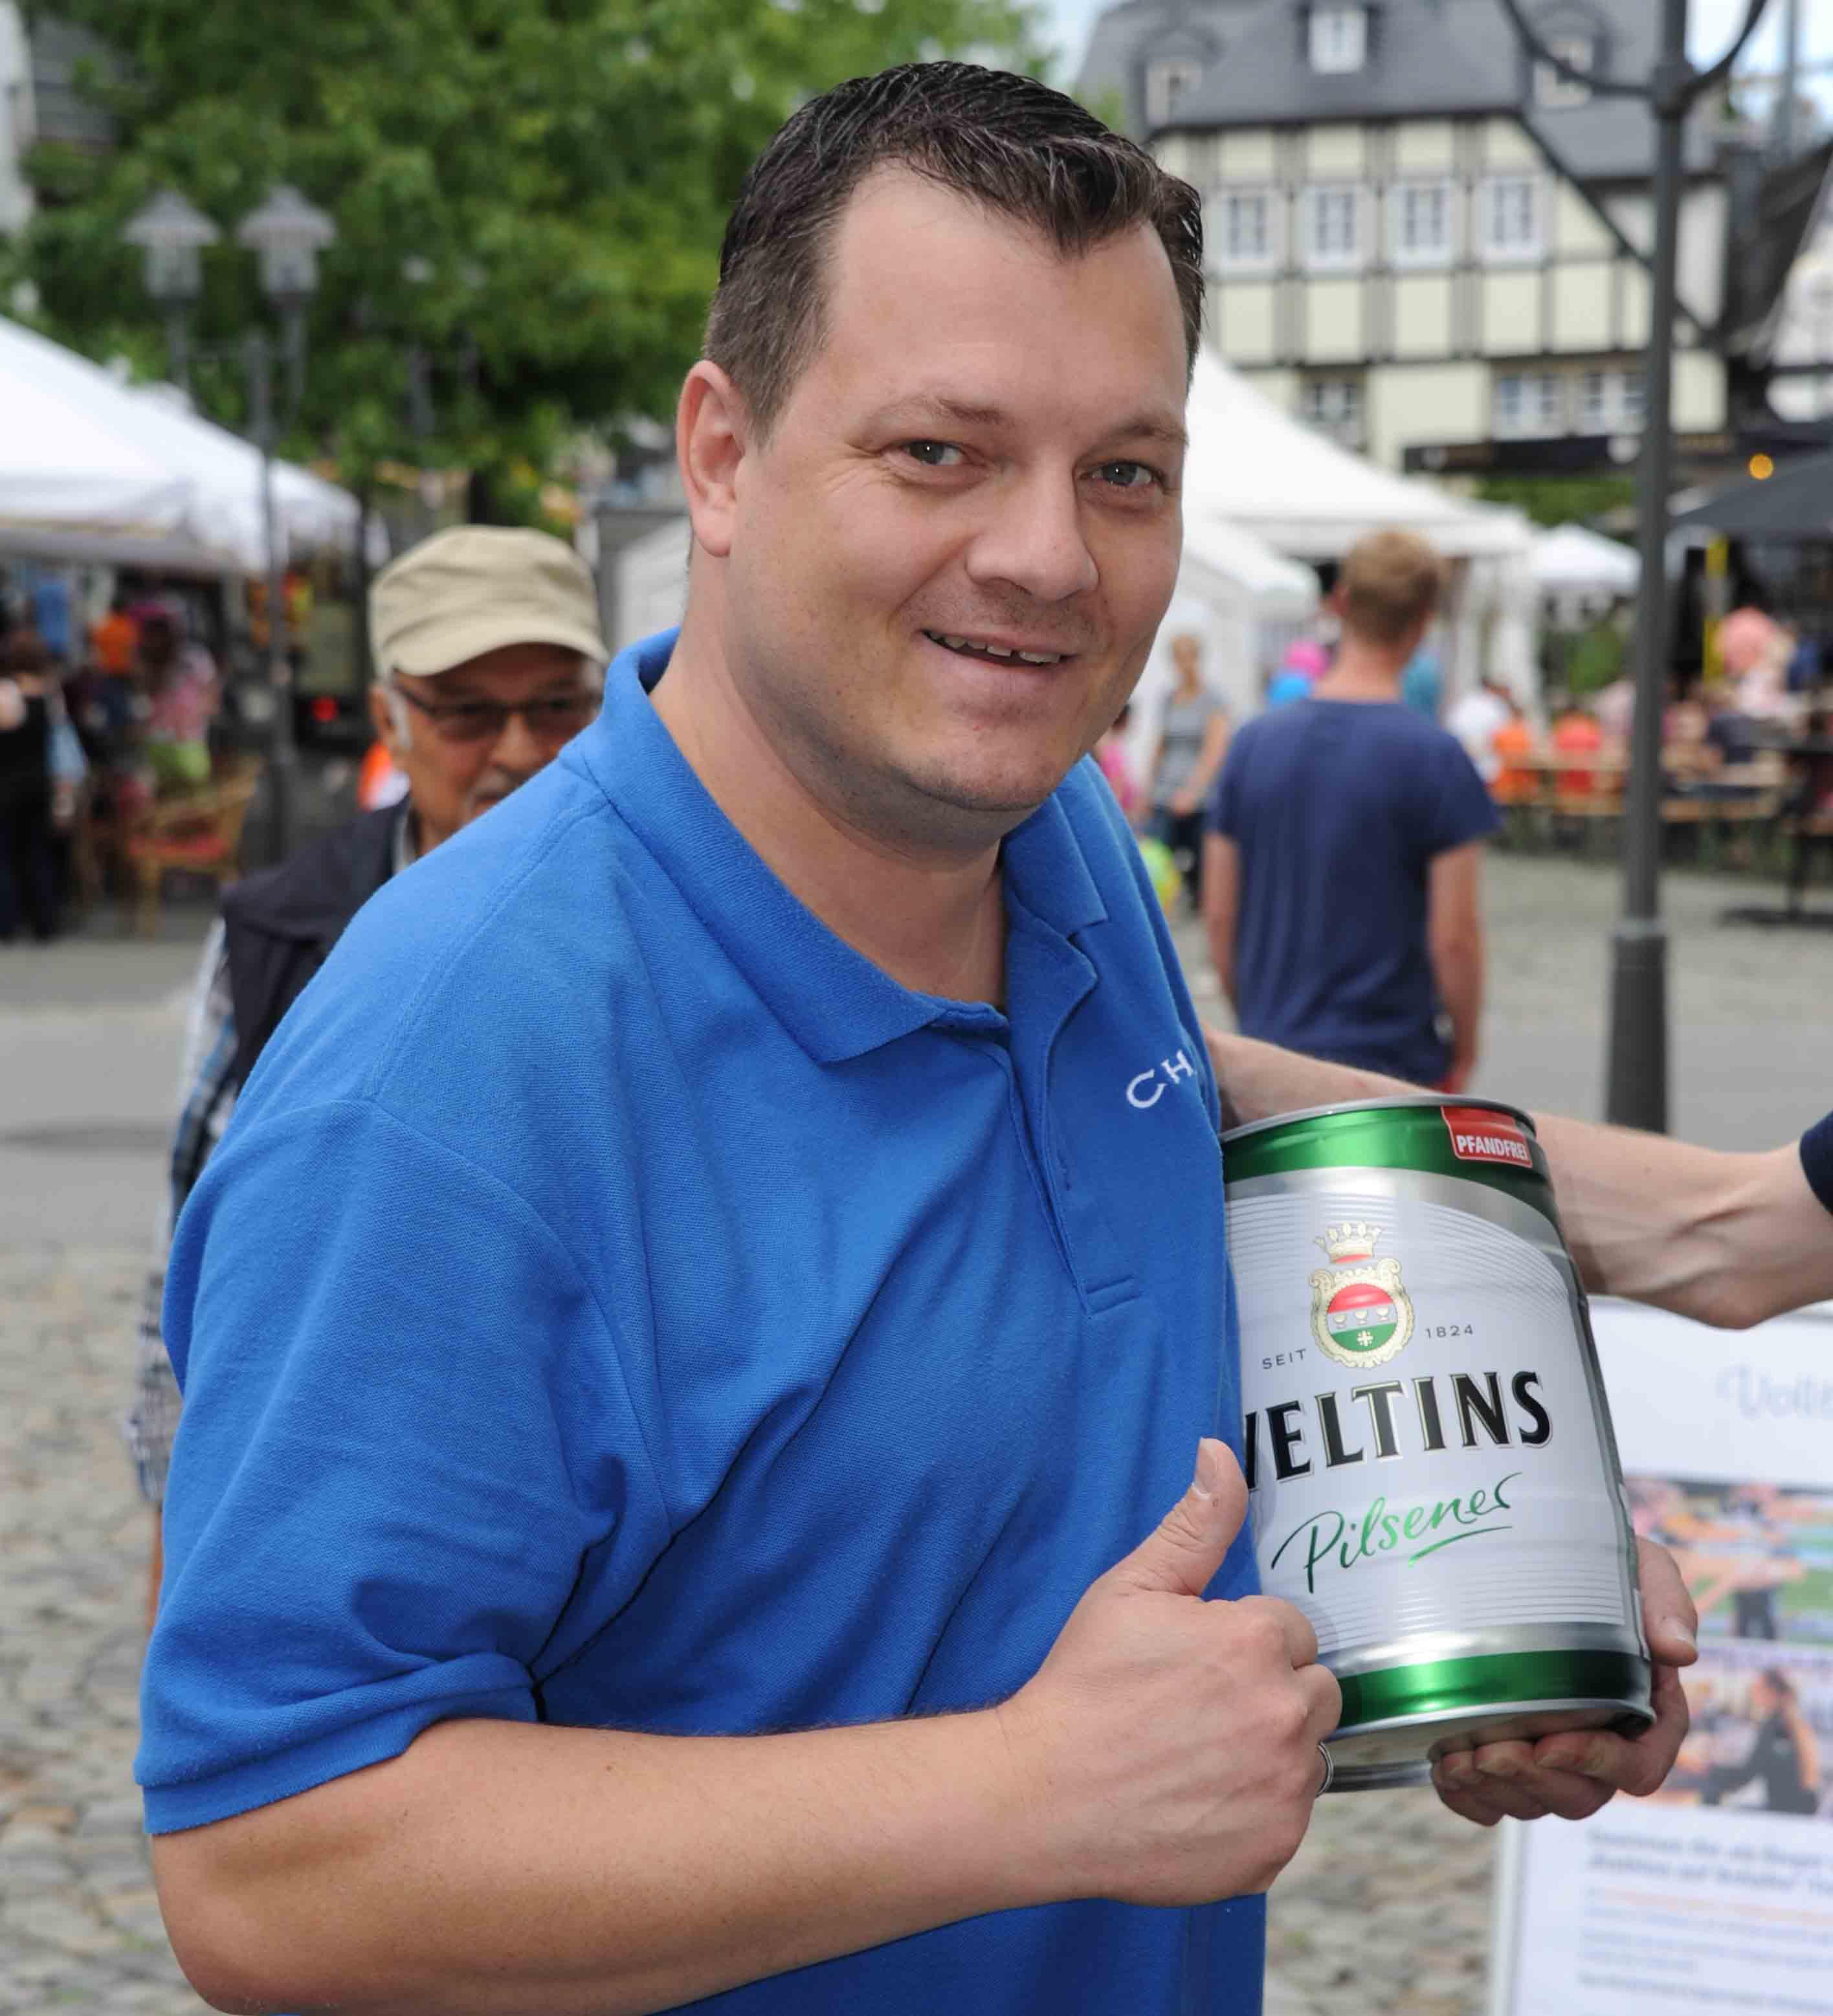 Christian Müller: Etappensieger und führender in der Tourwertung nach 5 Etappen